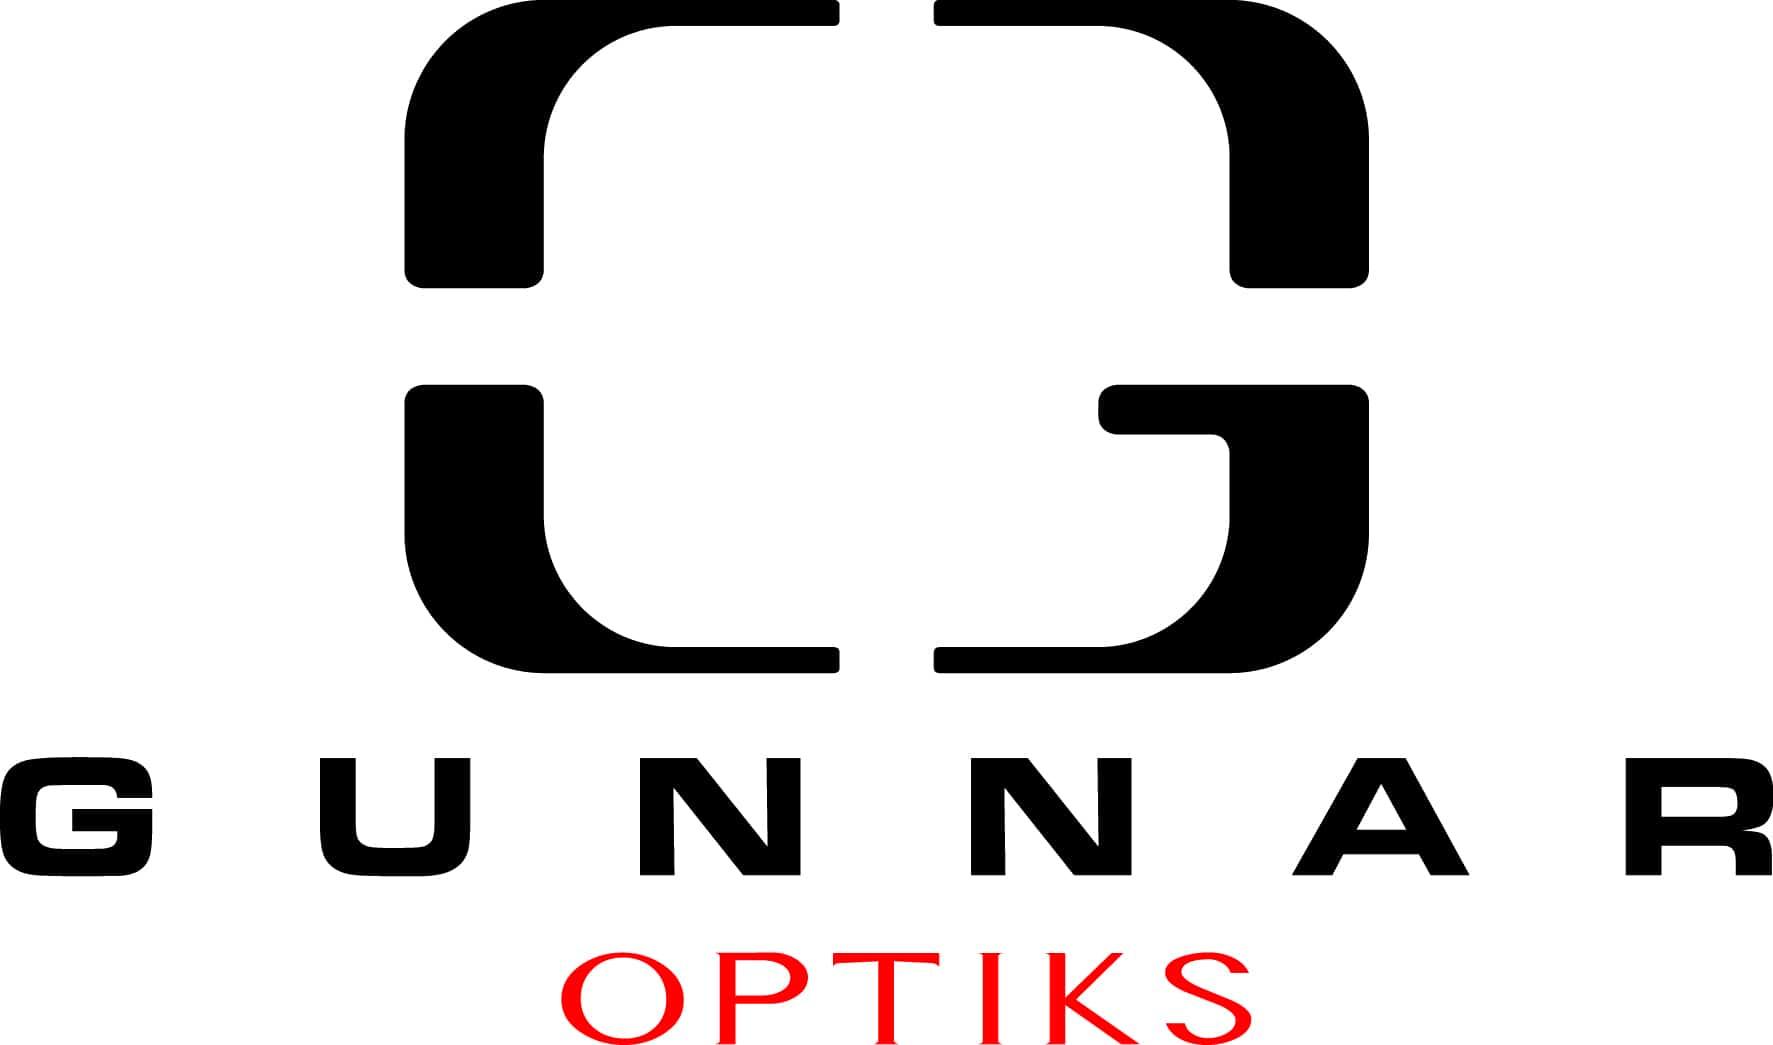 [Etudiants] 40% de réduction sur une sélection de lunettes Gunnars (gunnars.fr)